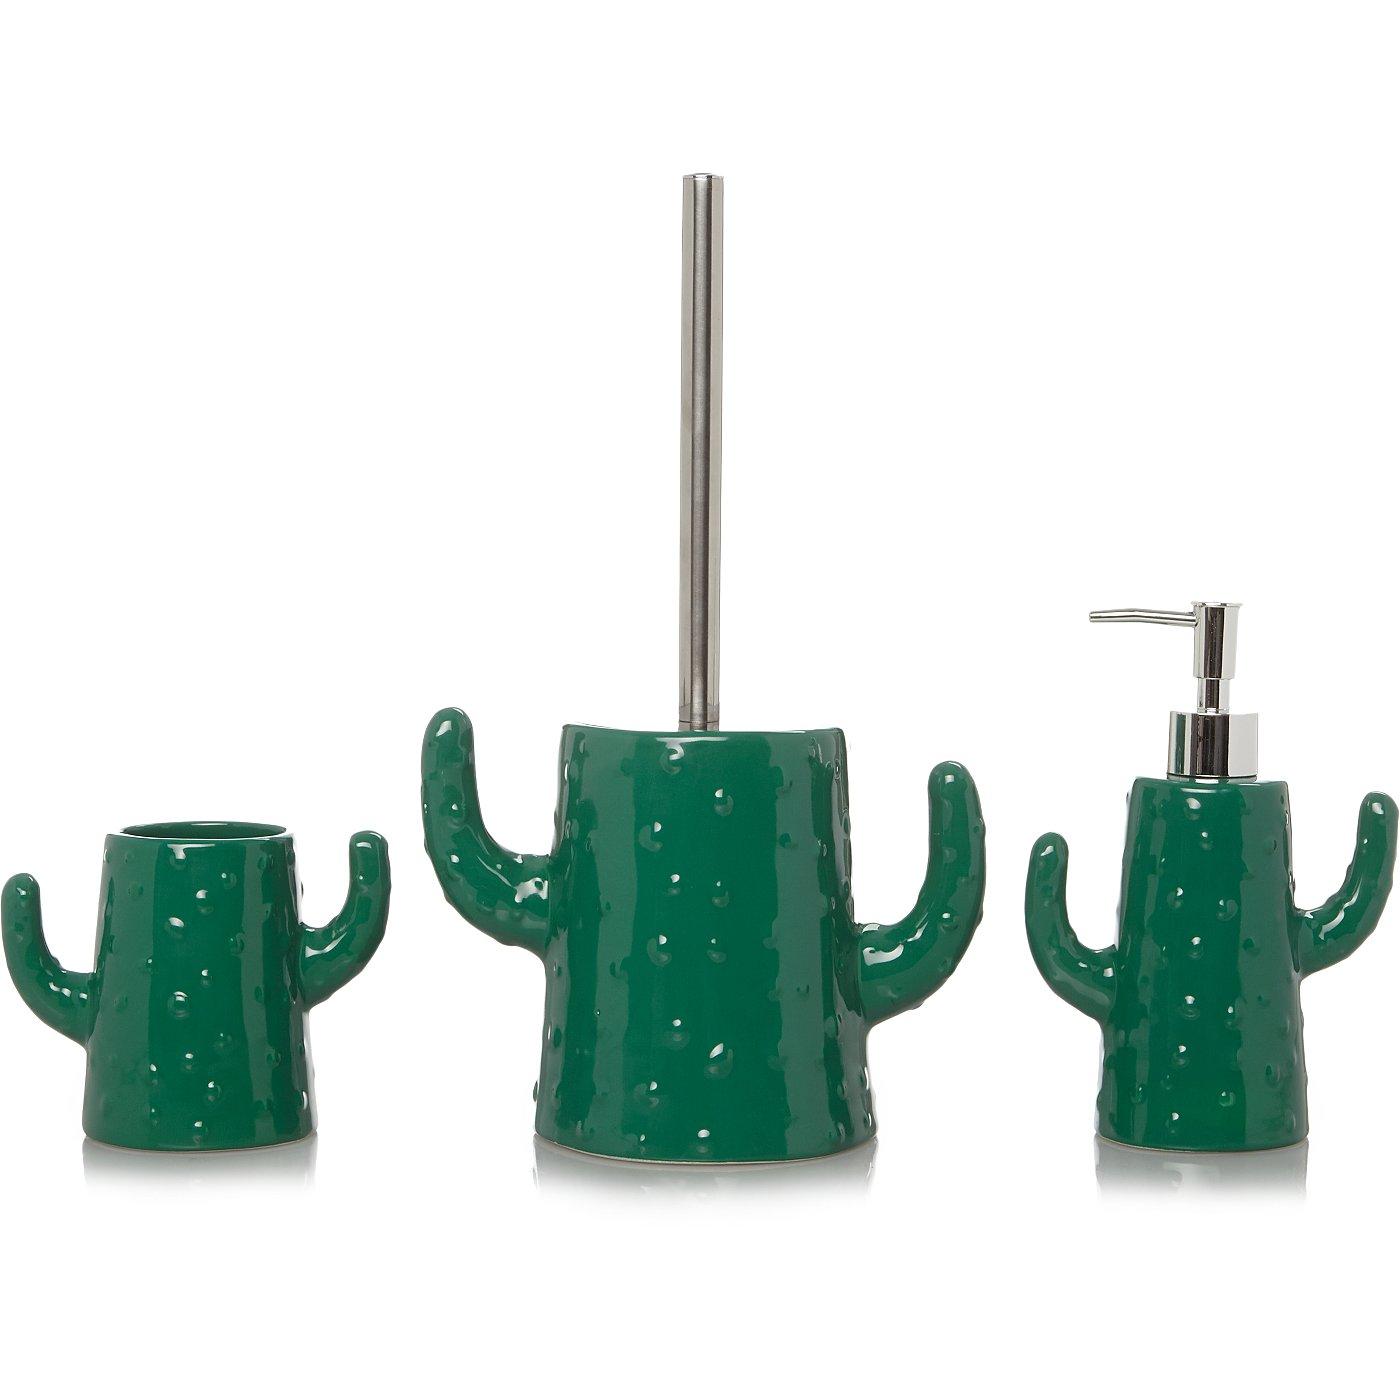 Cactus Bath Accessories Range | George